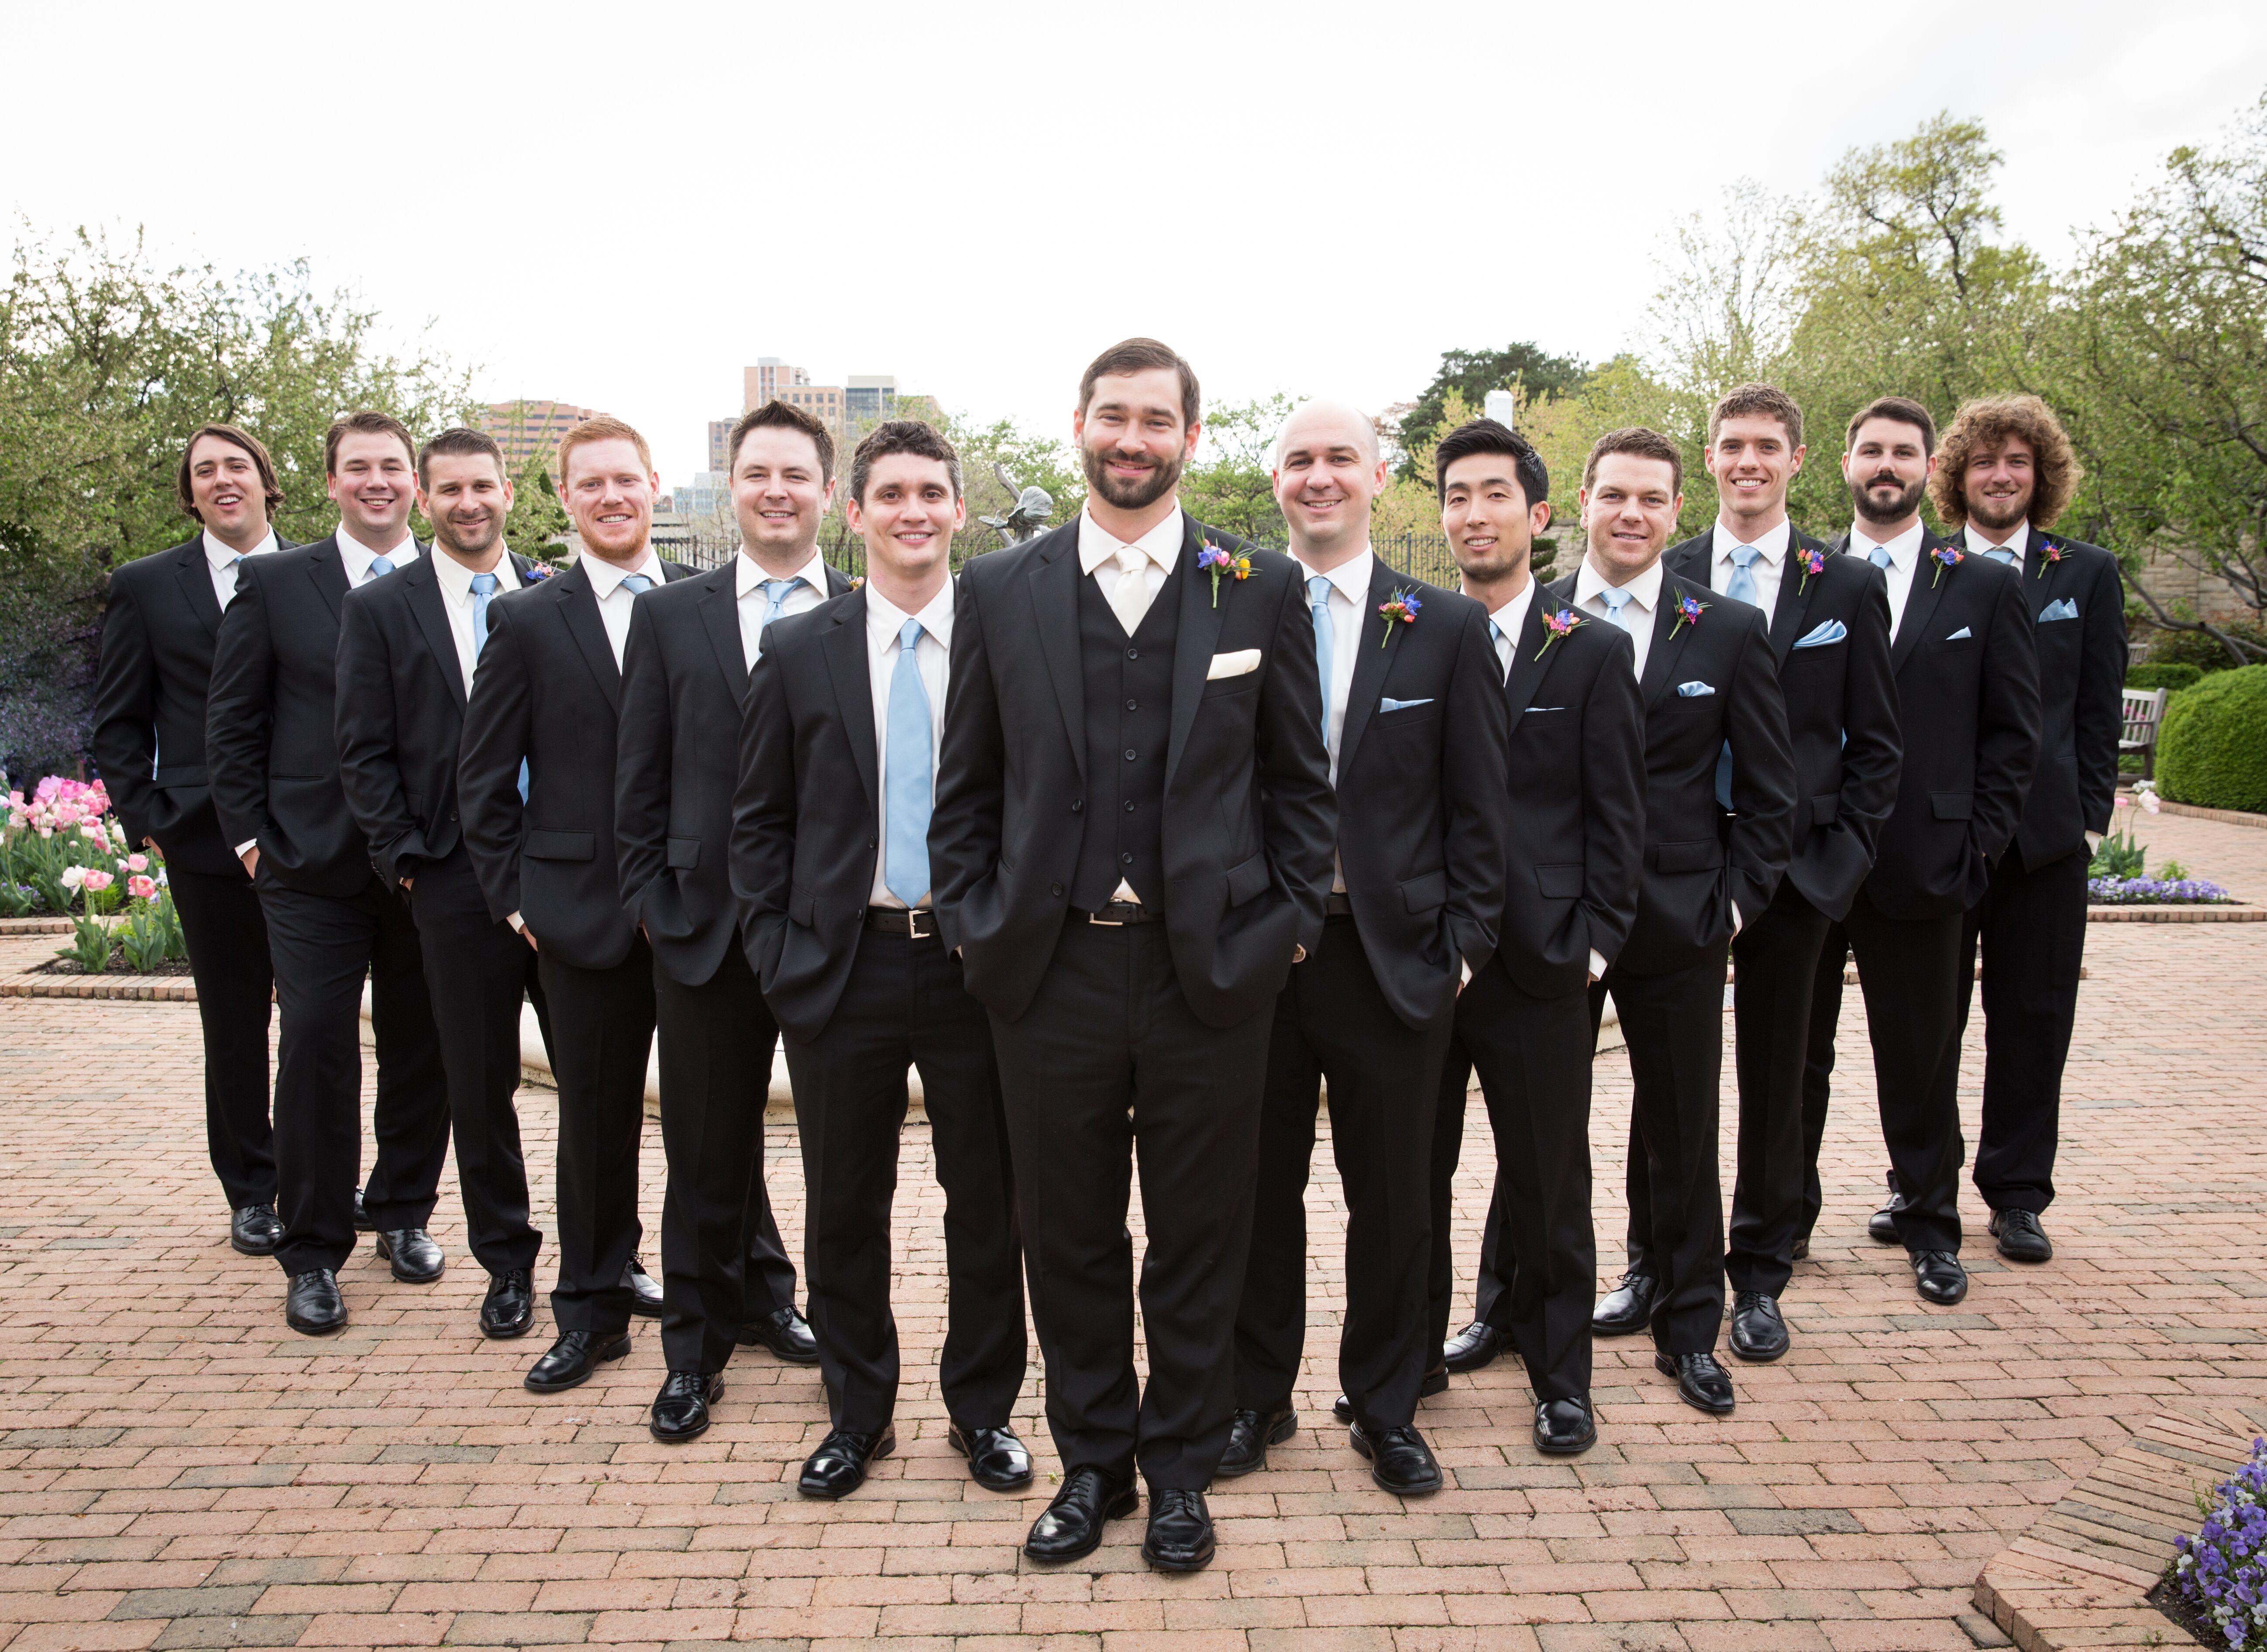 Groomsmen In Black Suits And Light Blue Ties